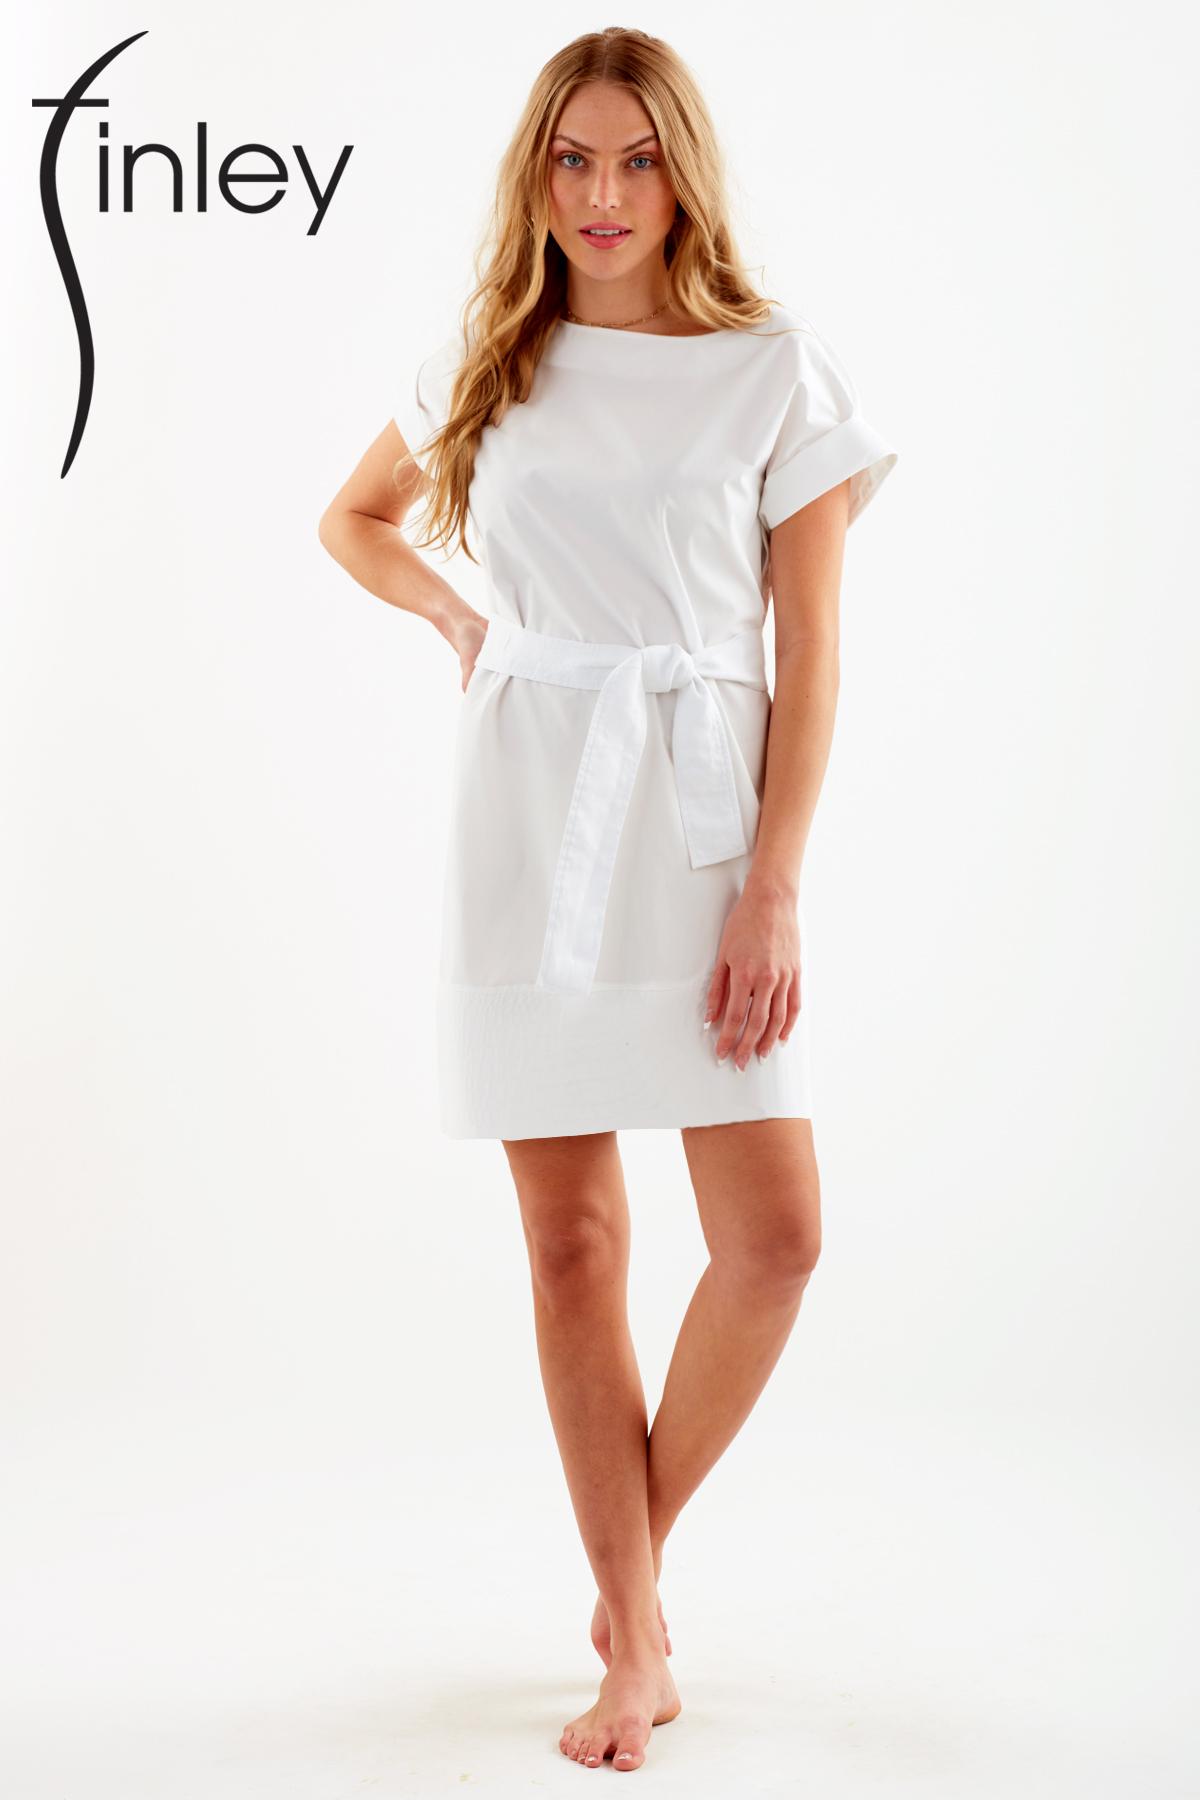 Finley Shirts Pilar Dress belted logo